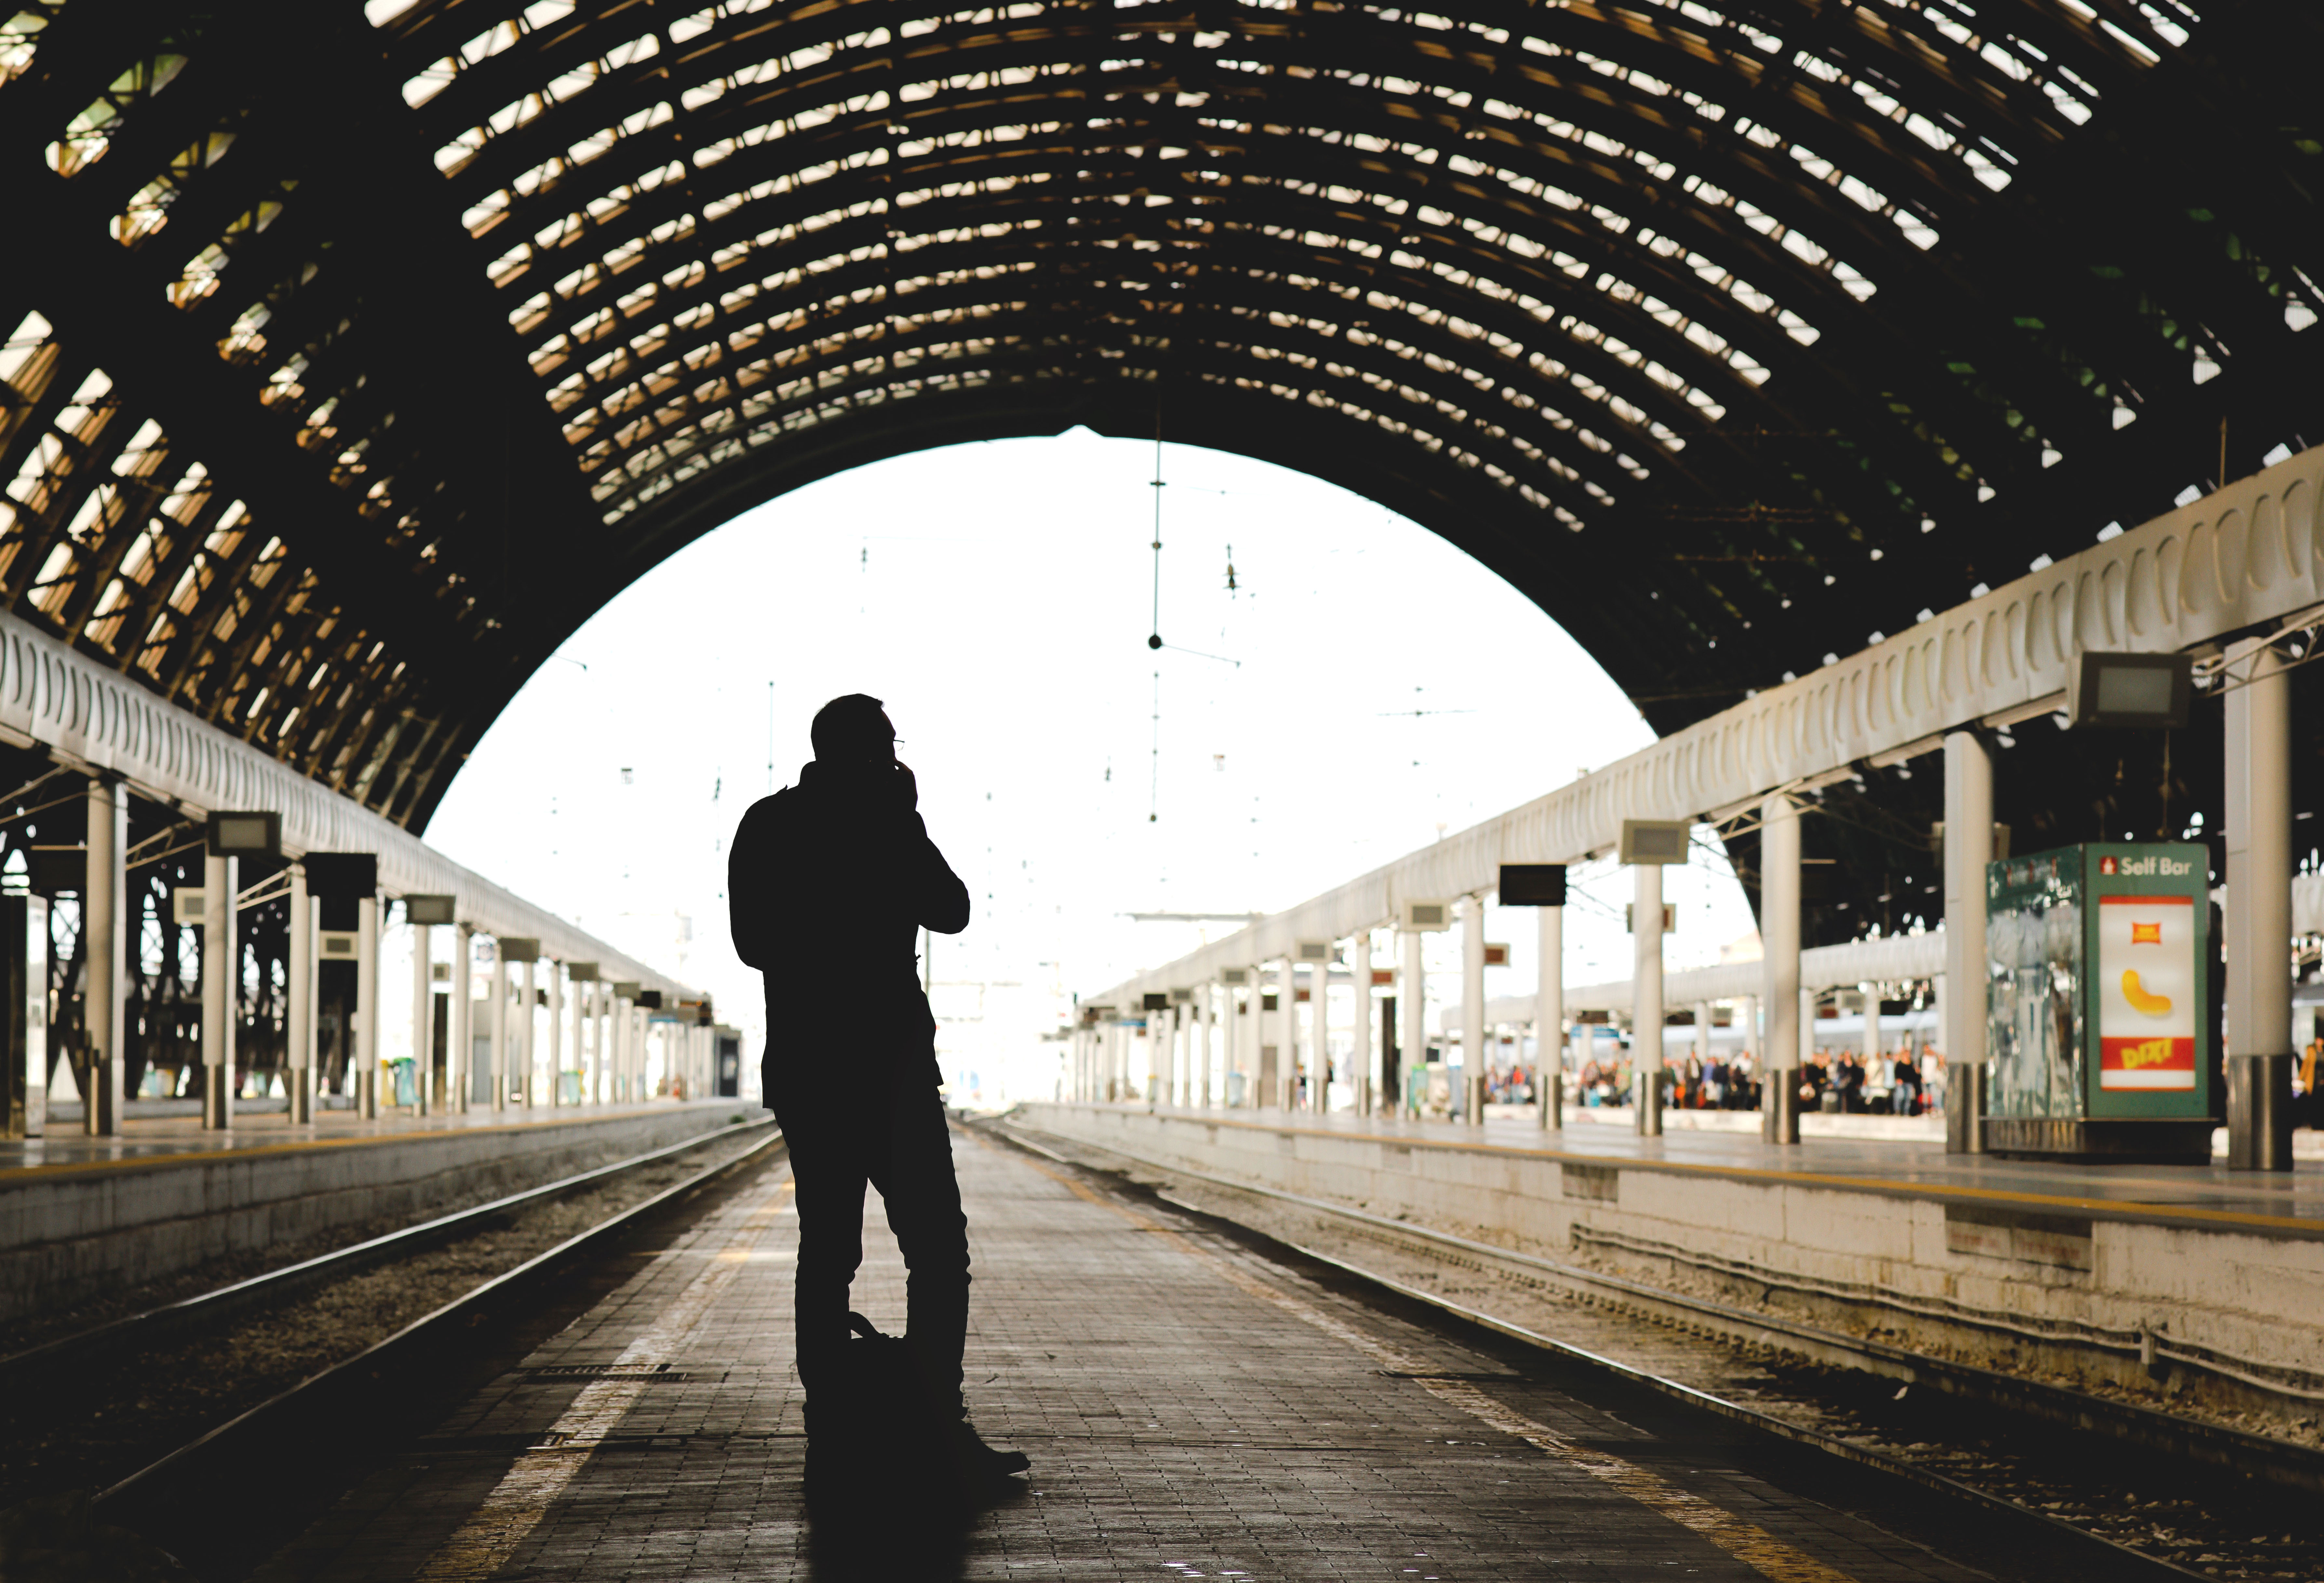 milan train terminal